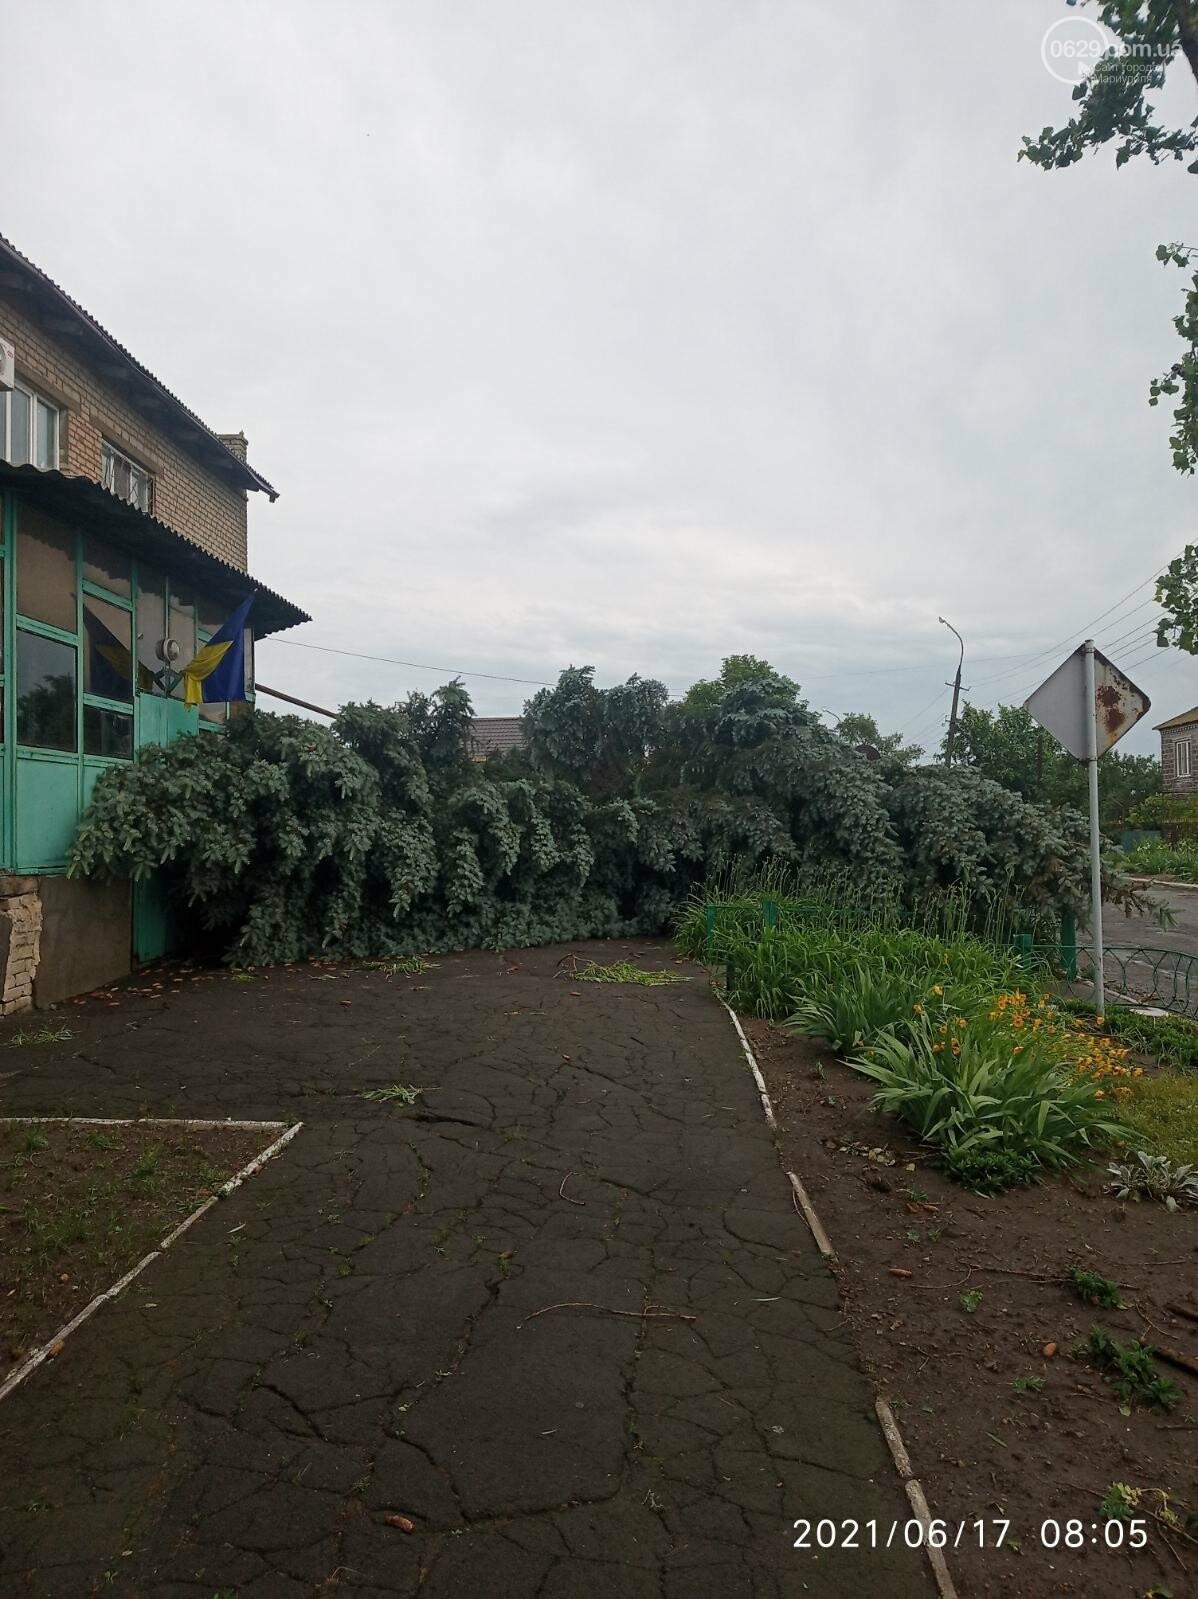 Прямо с корнем. В Мариуполе штормовой ветер валил деревья, - ФОТО, фото-10